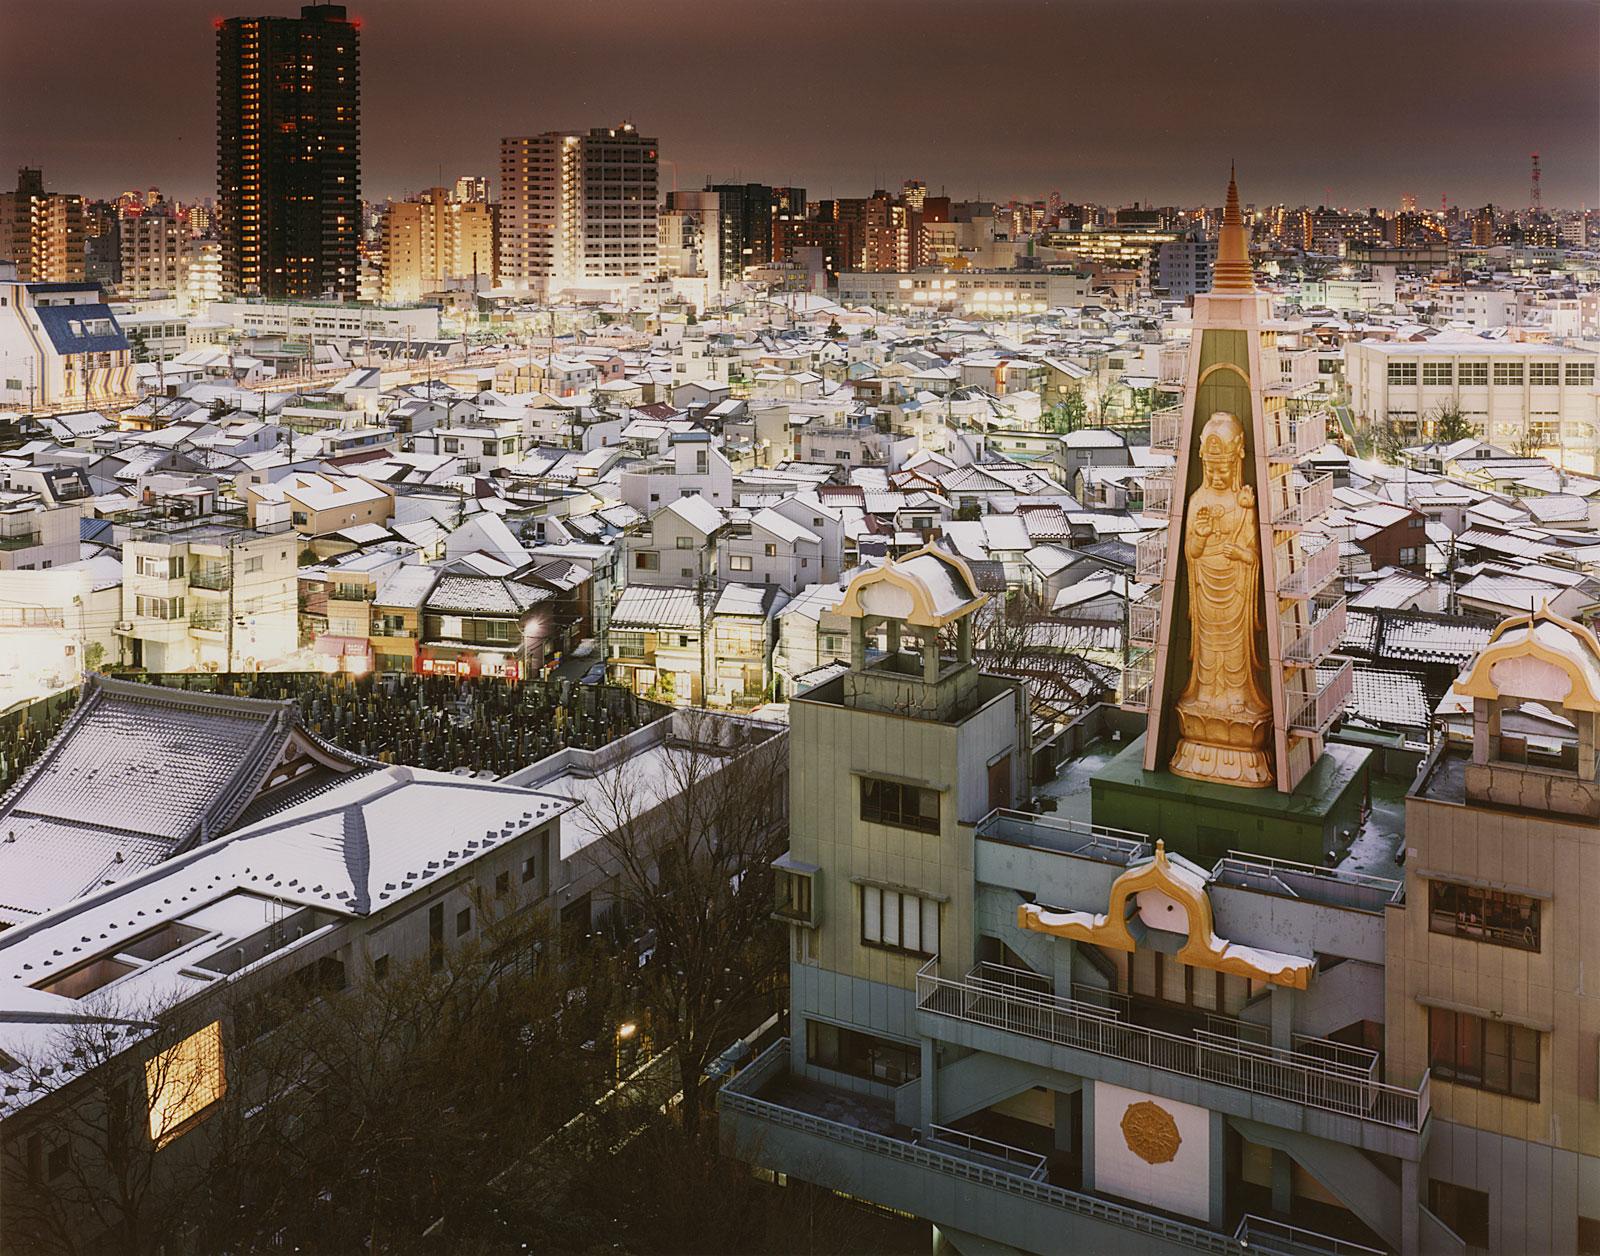 6年間都内の非常階段から景色を撮り続けた男 ― 猥雑で美しい 日本の街並み求めて ~佐藤信太郎インタビュー~の画像5